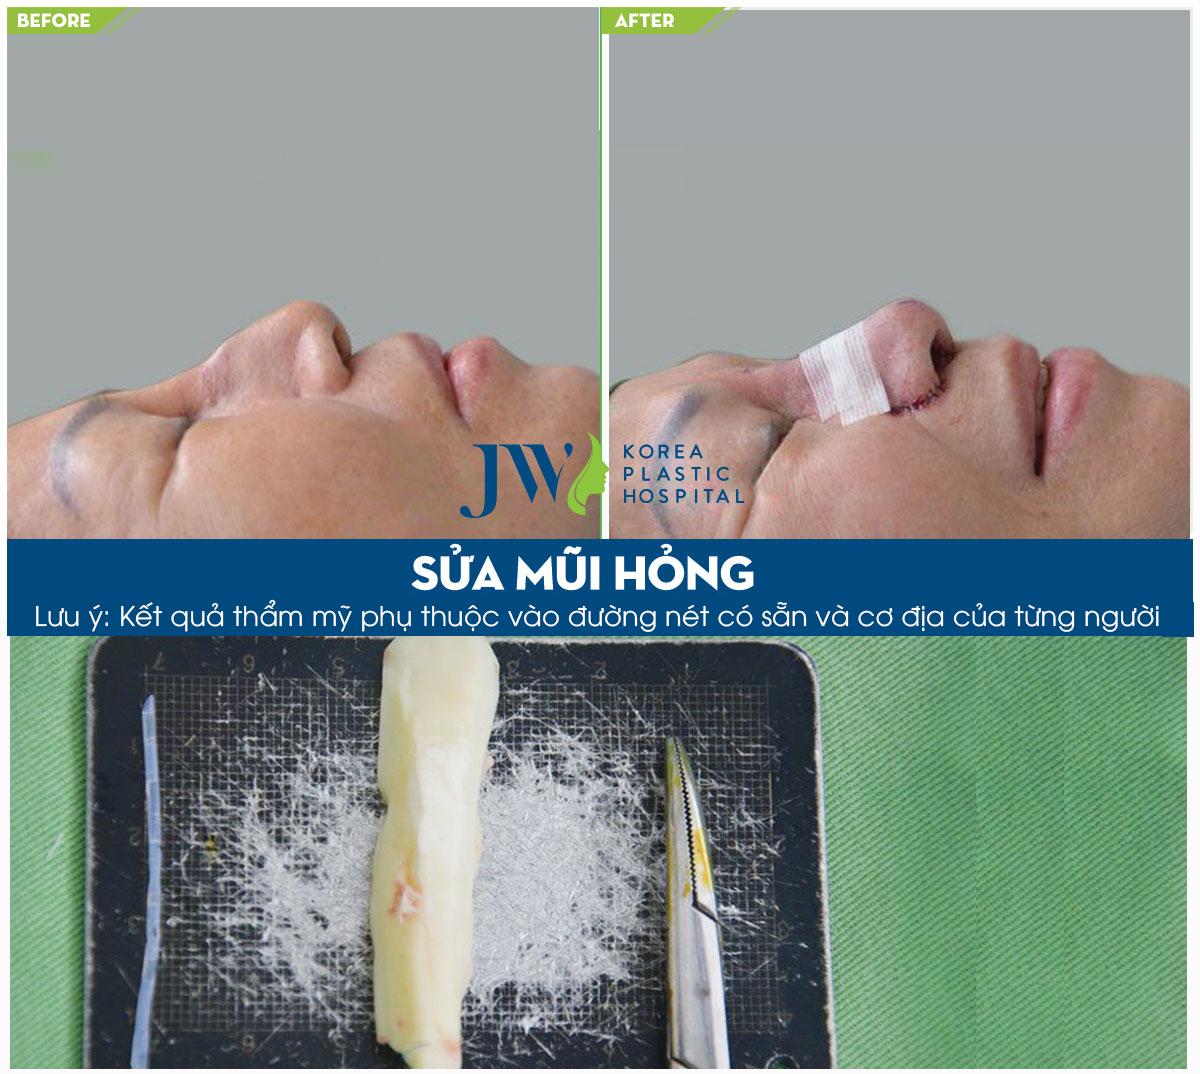 trước và sau khi sửa mũi hỏng